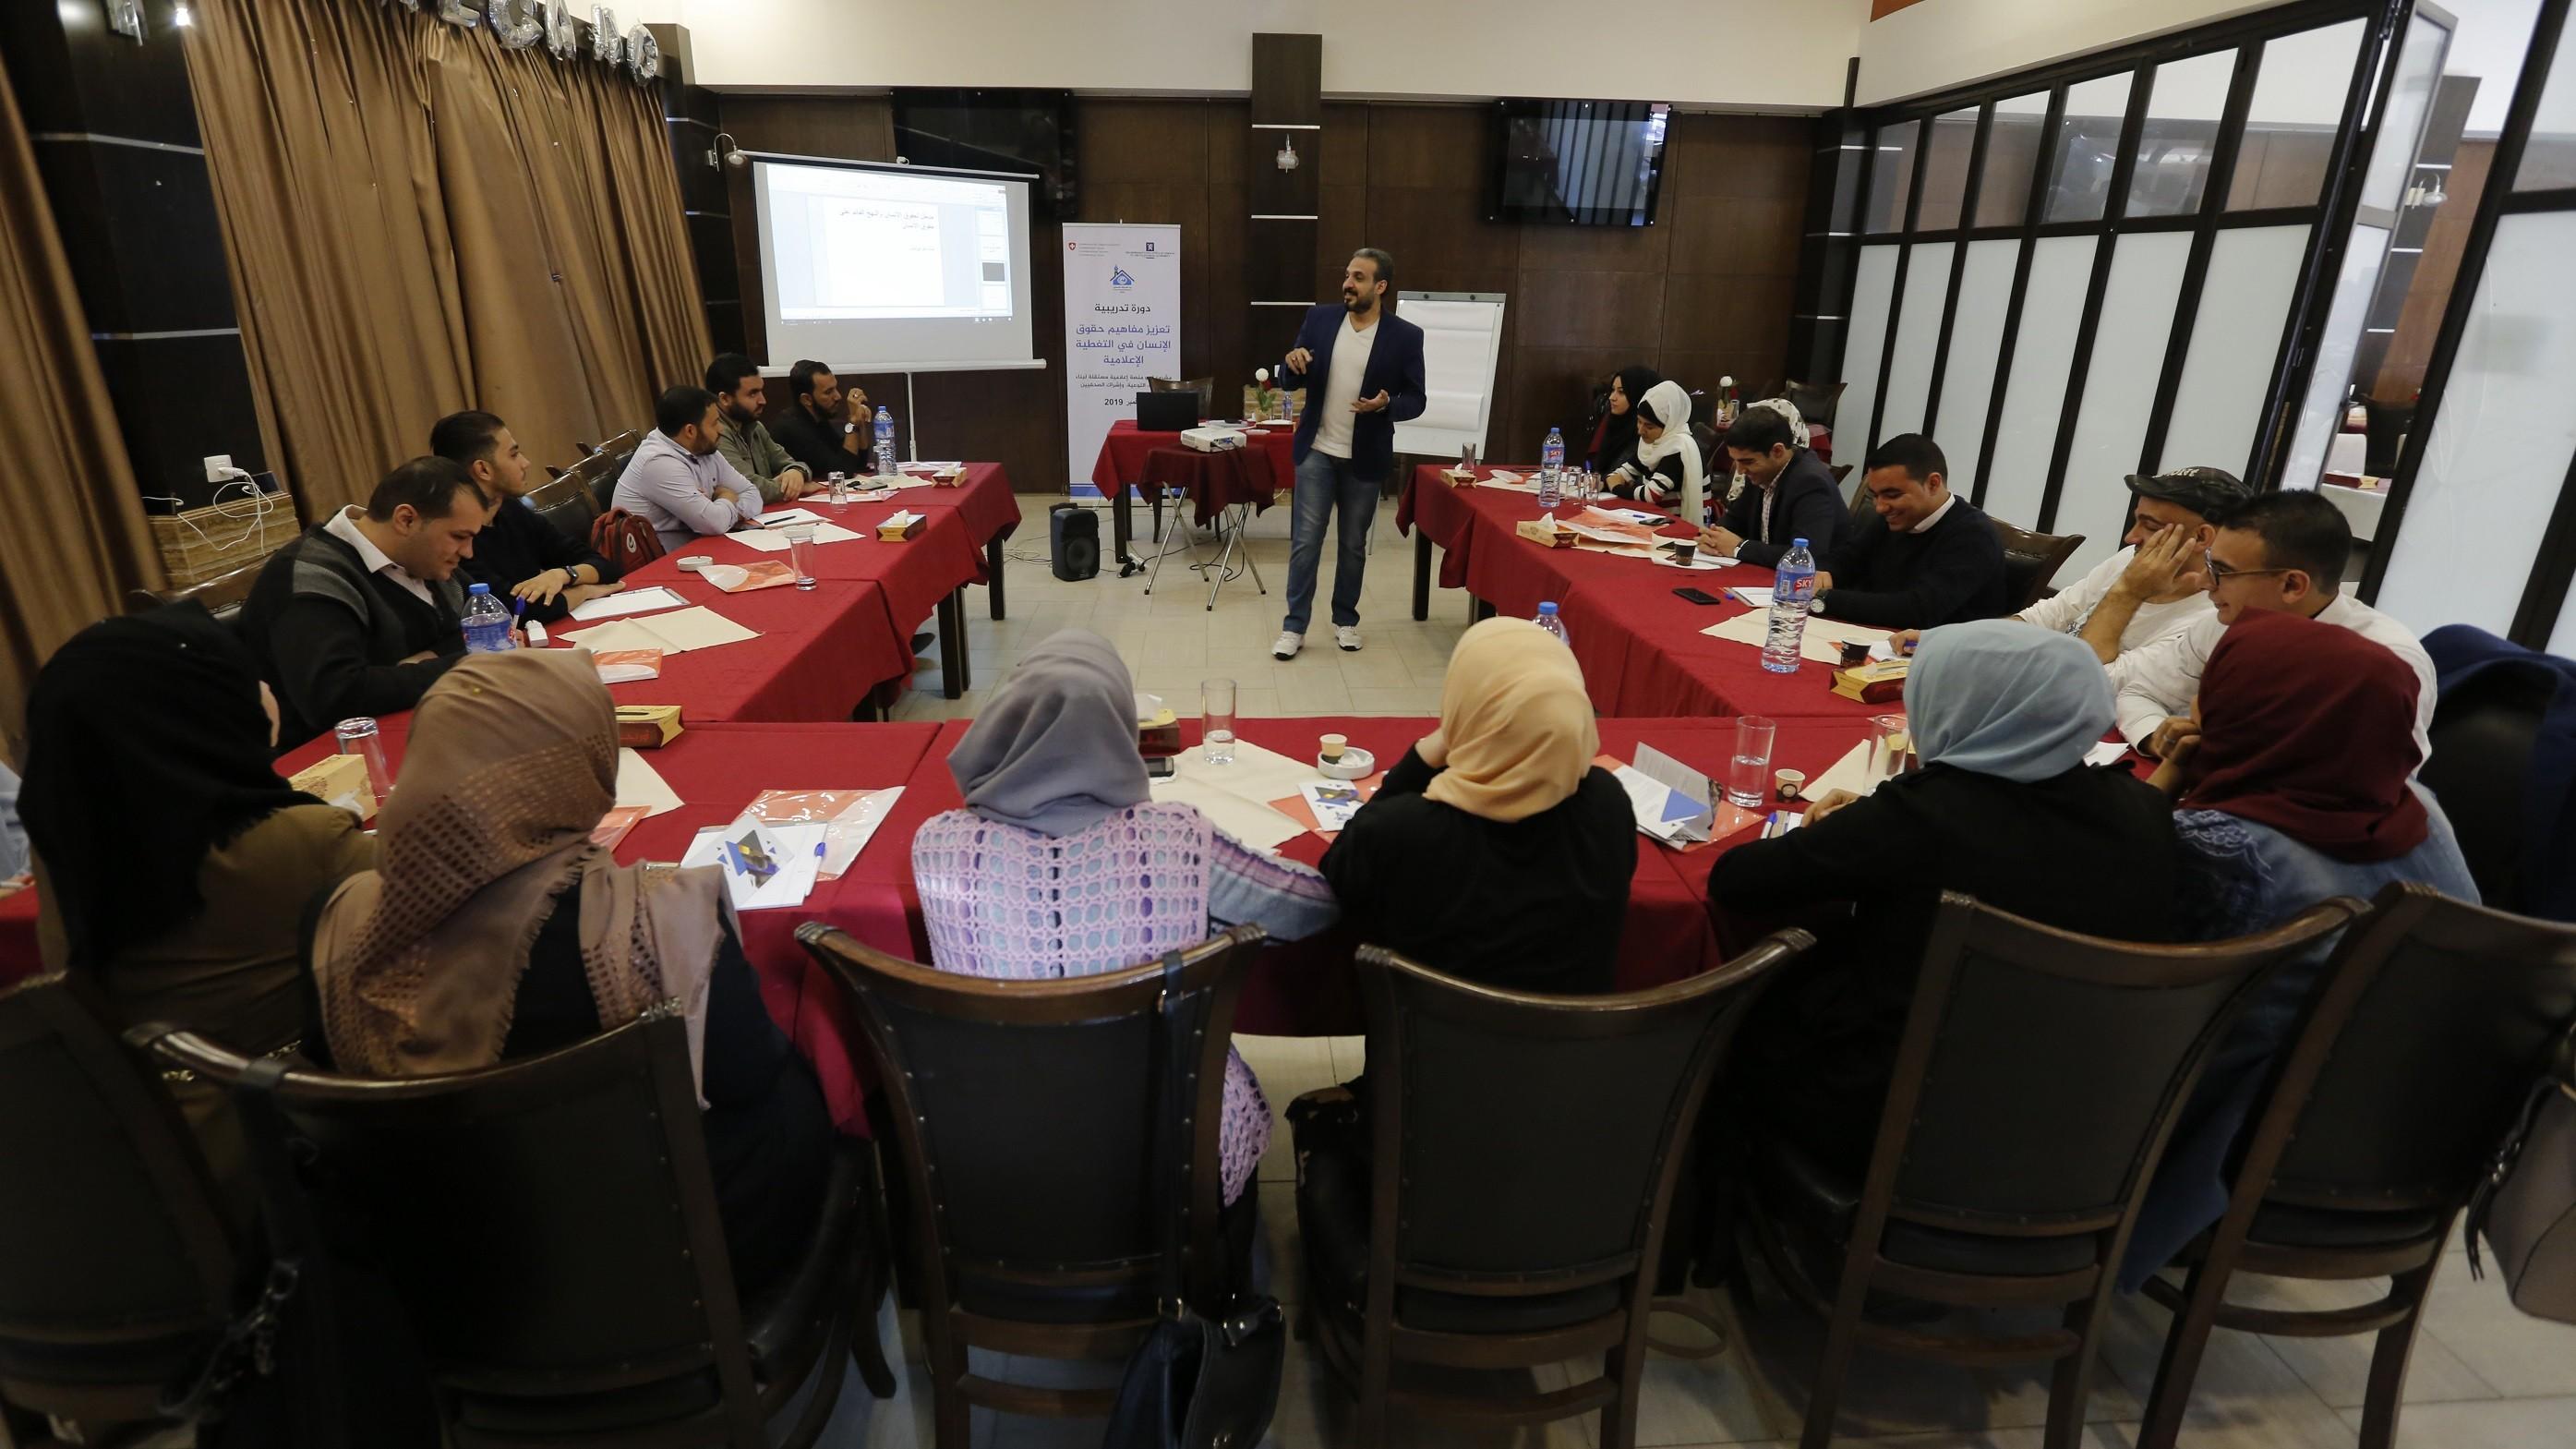 بيت الصحافة يختتم دورة تدريبية حول تعزيز مفاهيم حقوق الإنسان في التغطية الإعلامية